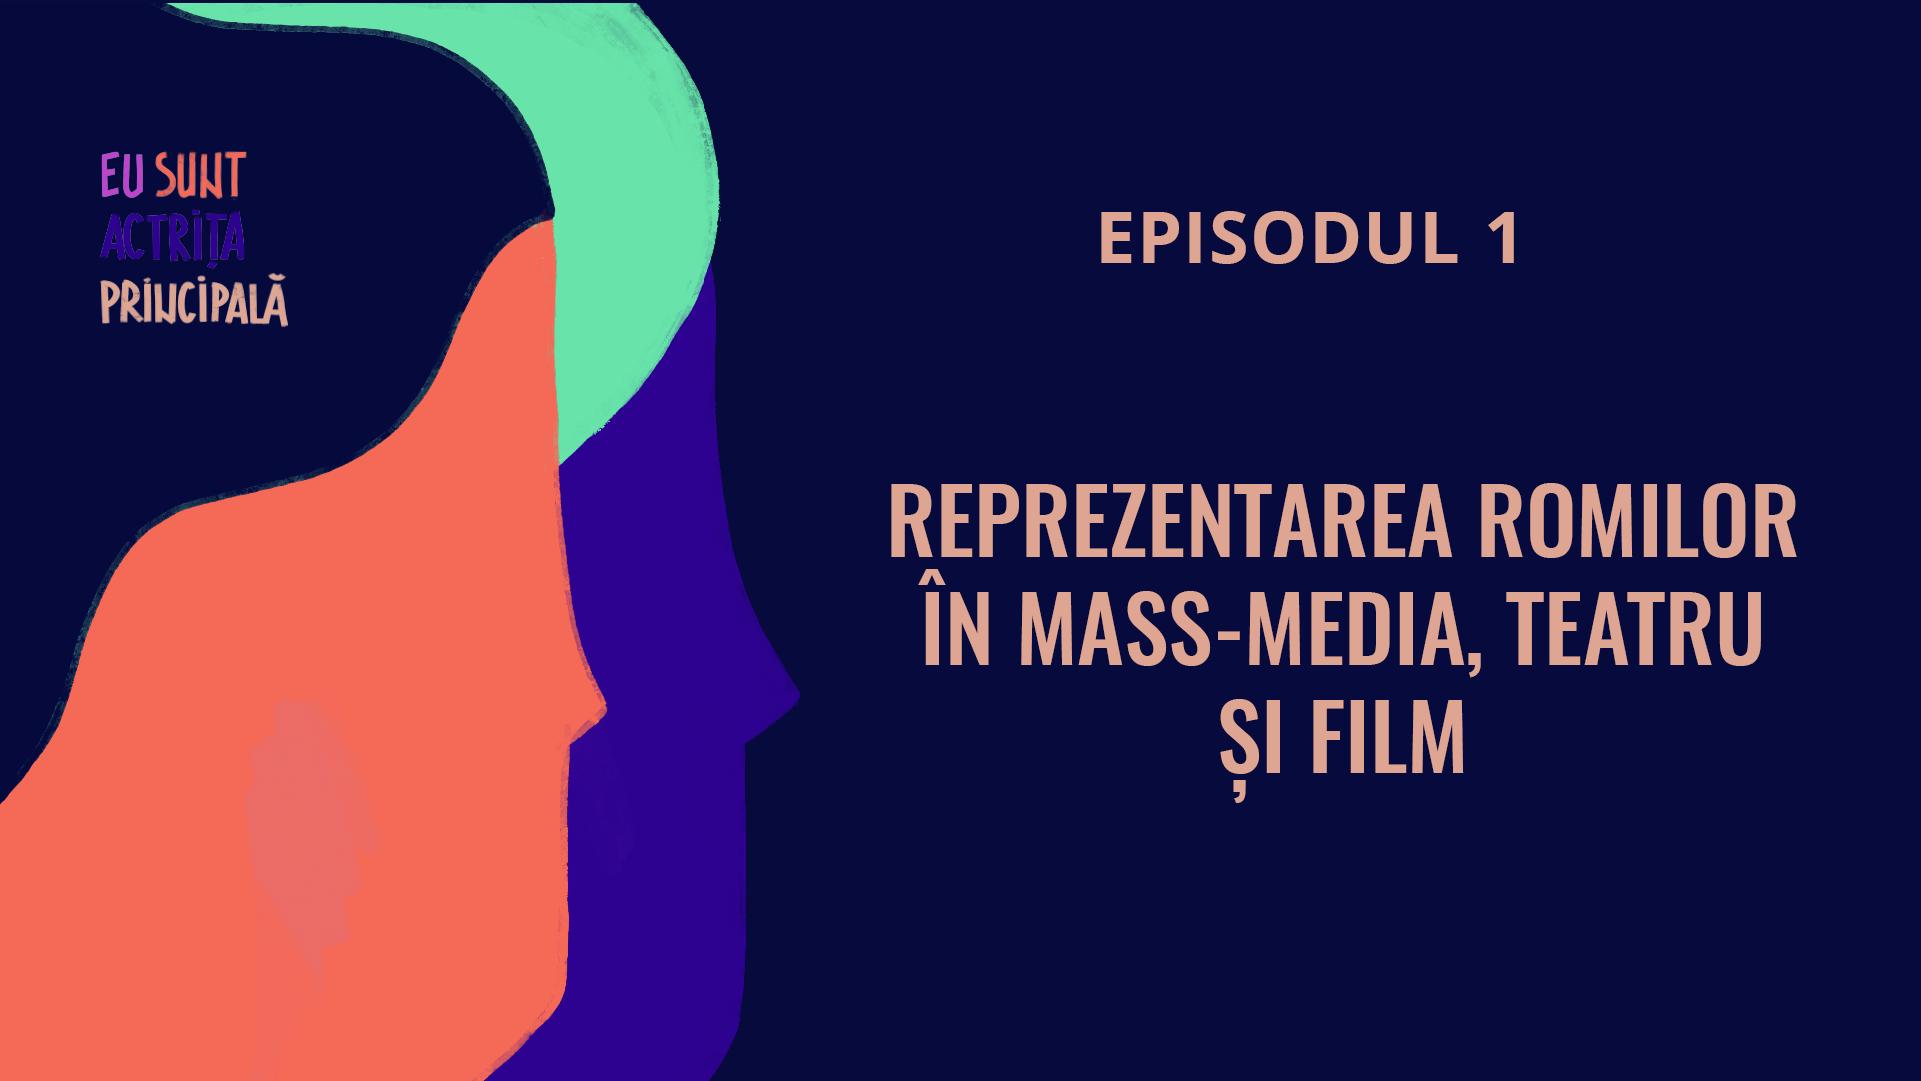 """Reprezentarea romilor în presă, artă și film: se lansează primul episod al emisiunii online """"Eu sunt actrița principală"""""""